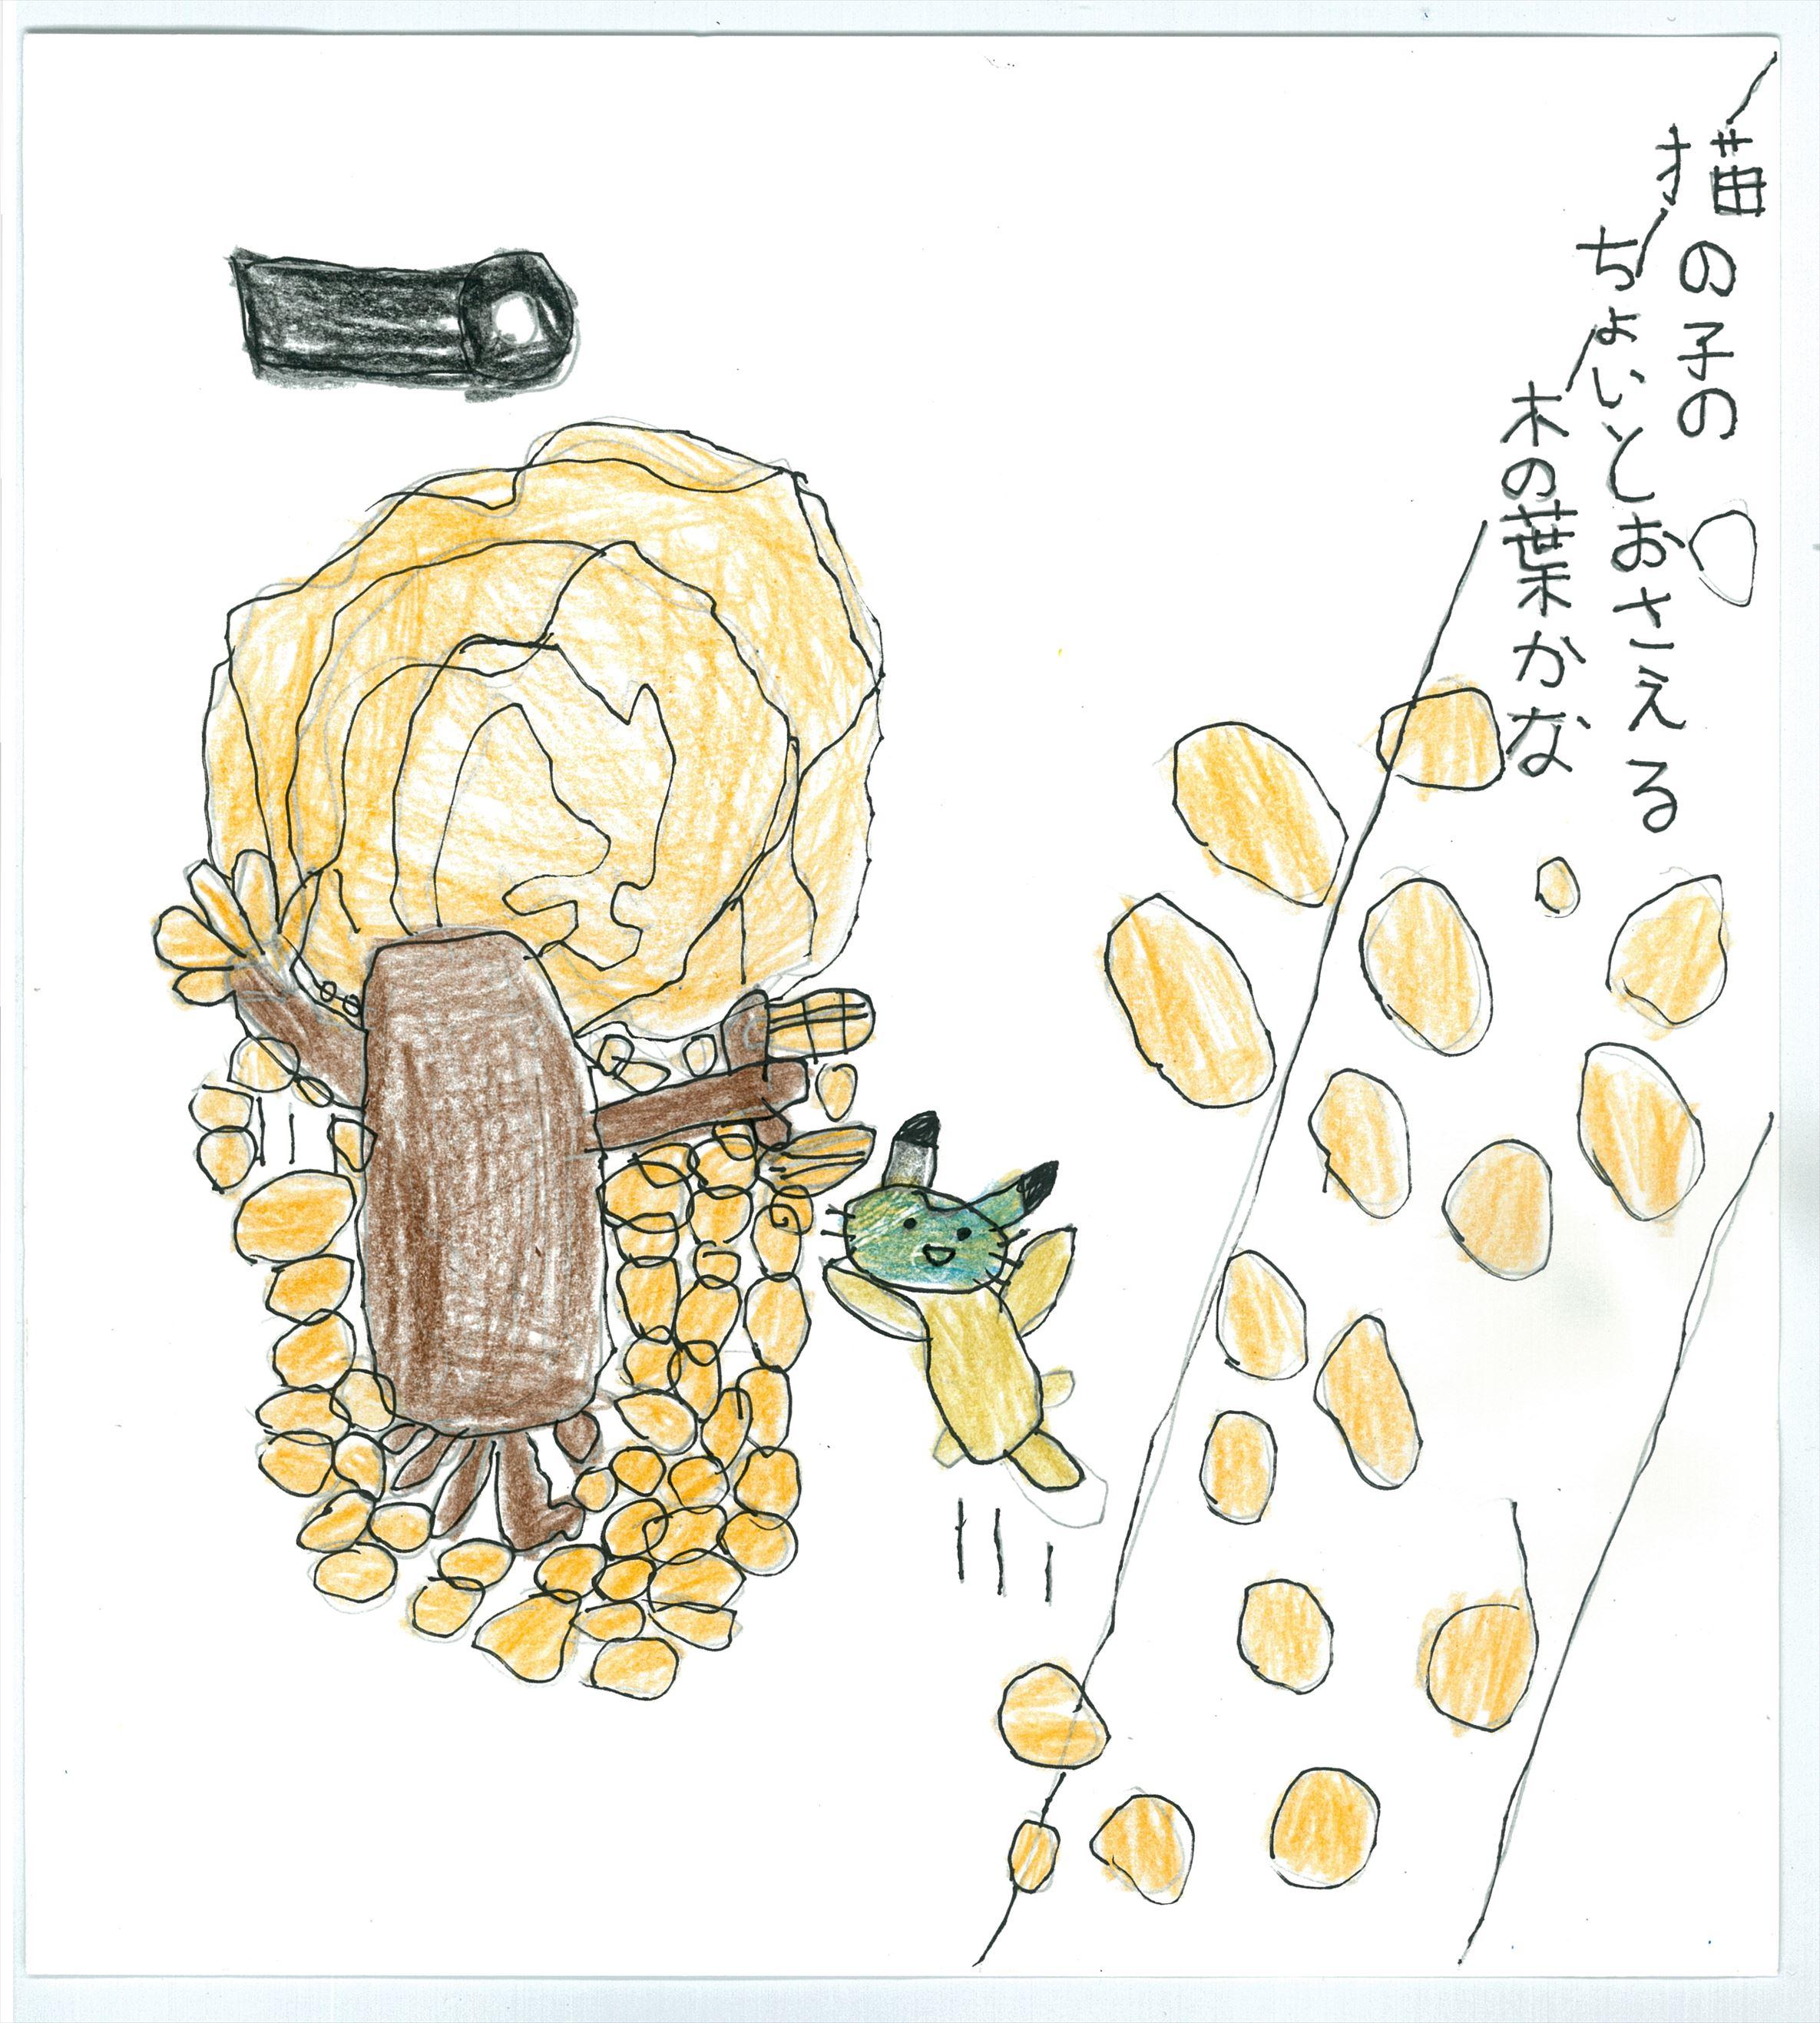 猫の子のちょいとおさえる木の葉かな